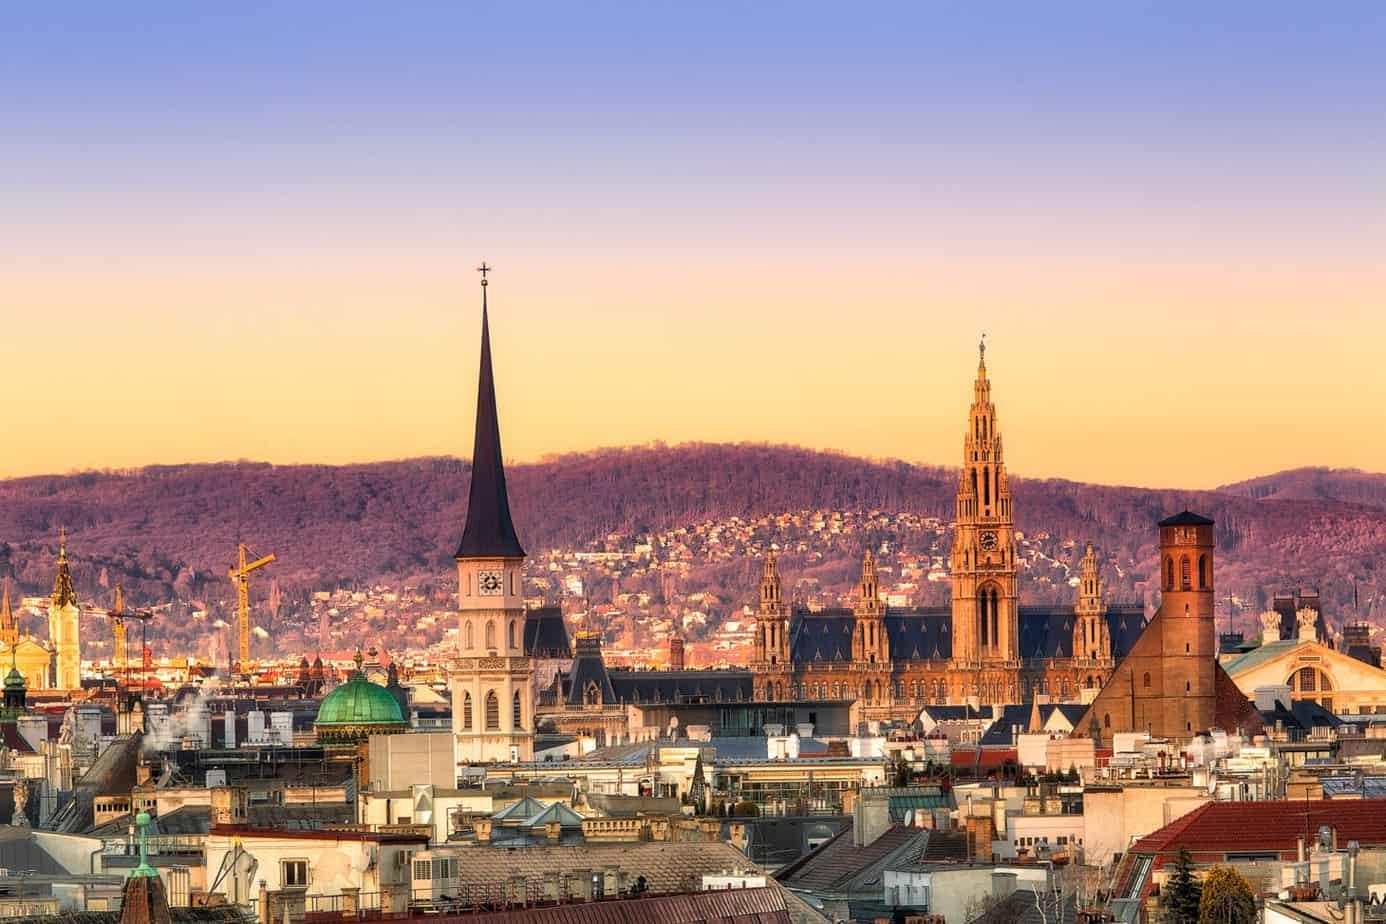 Wenen/Vienna